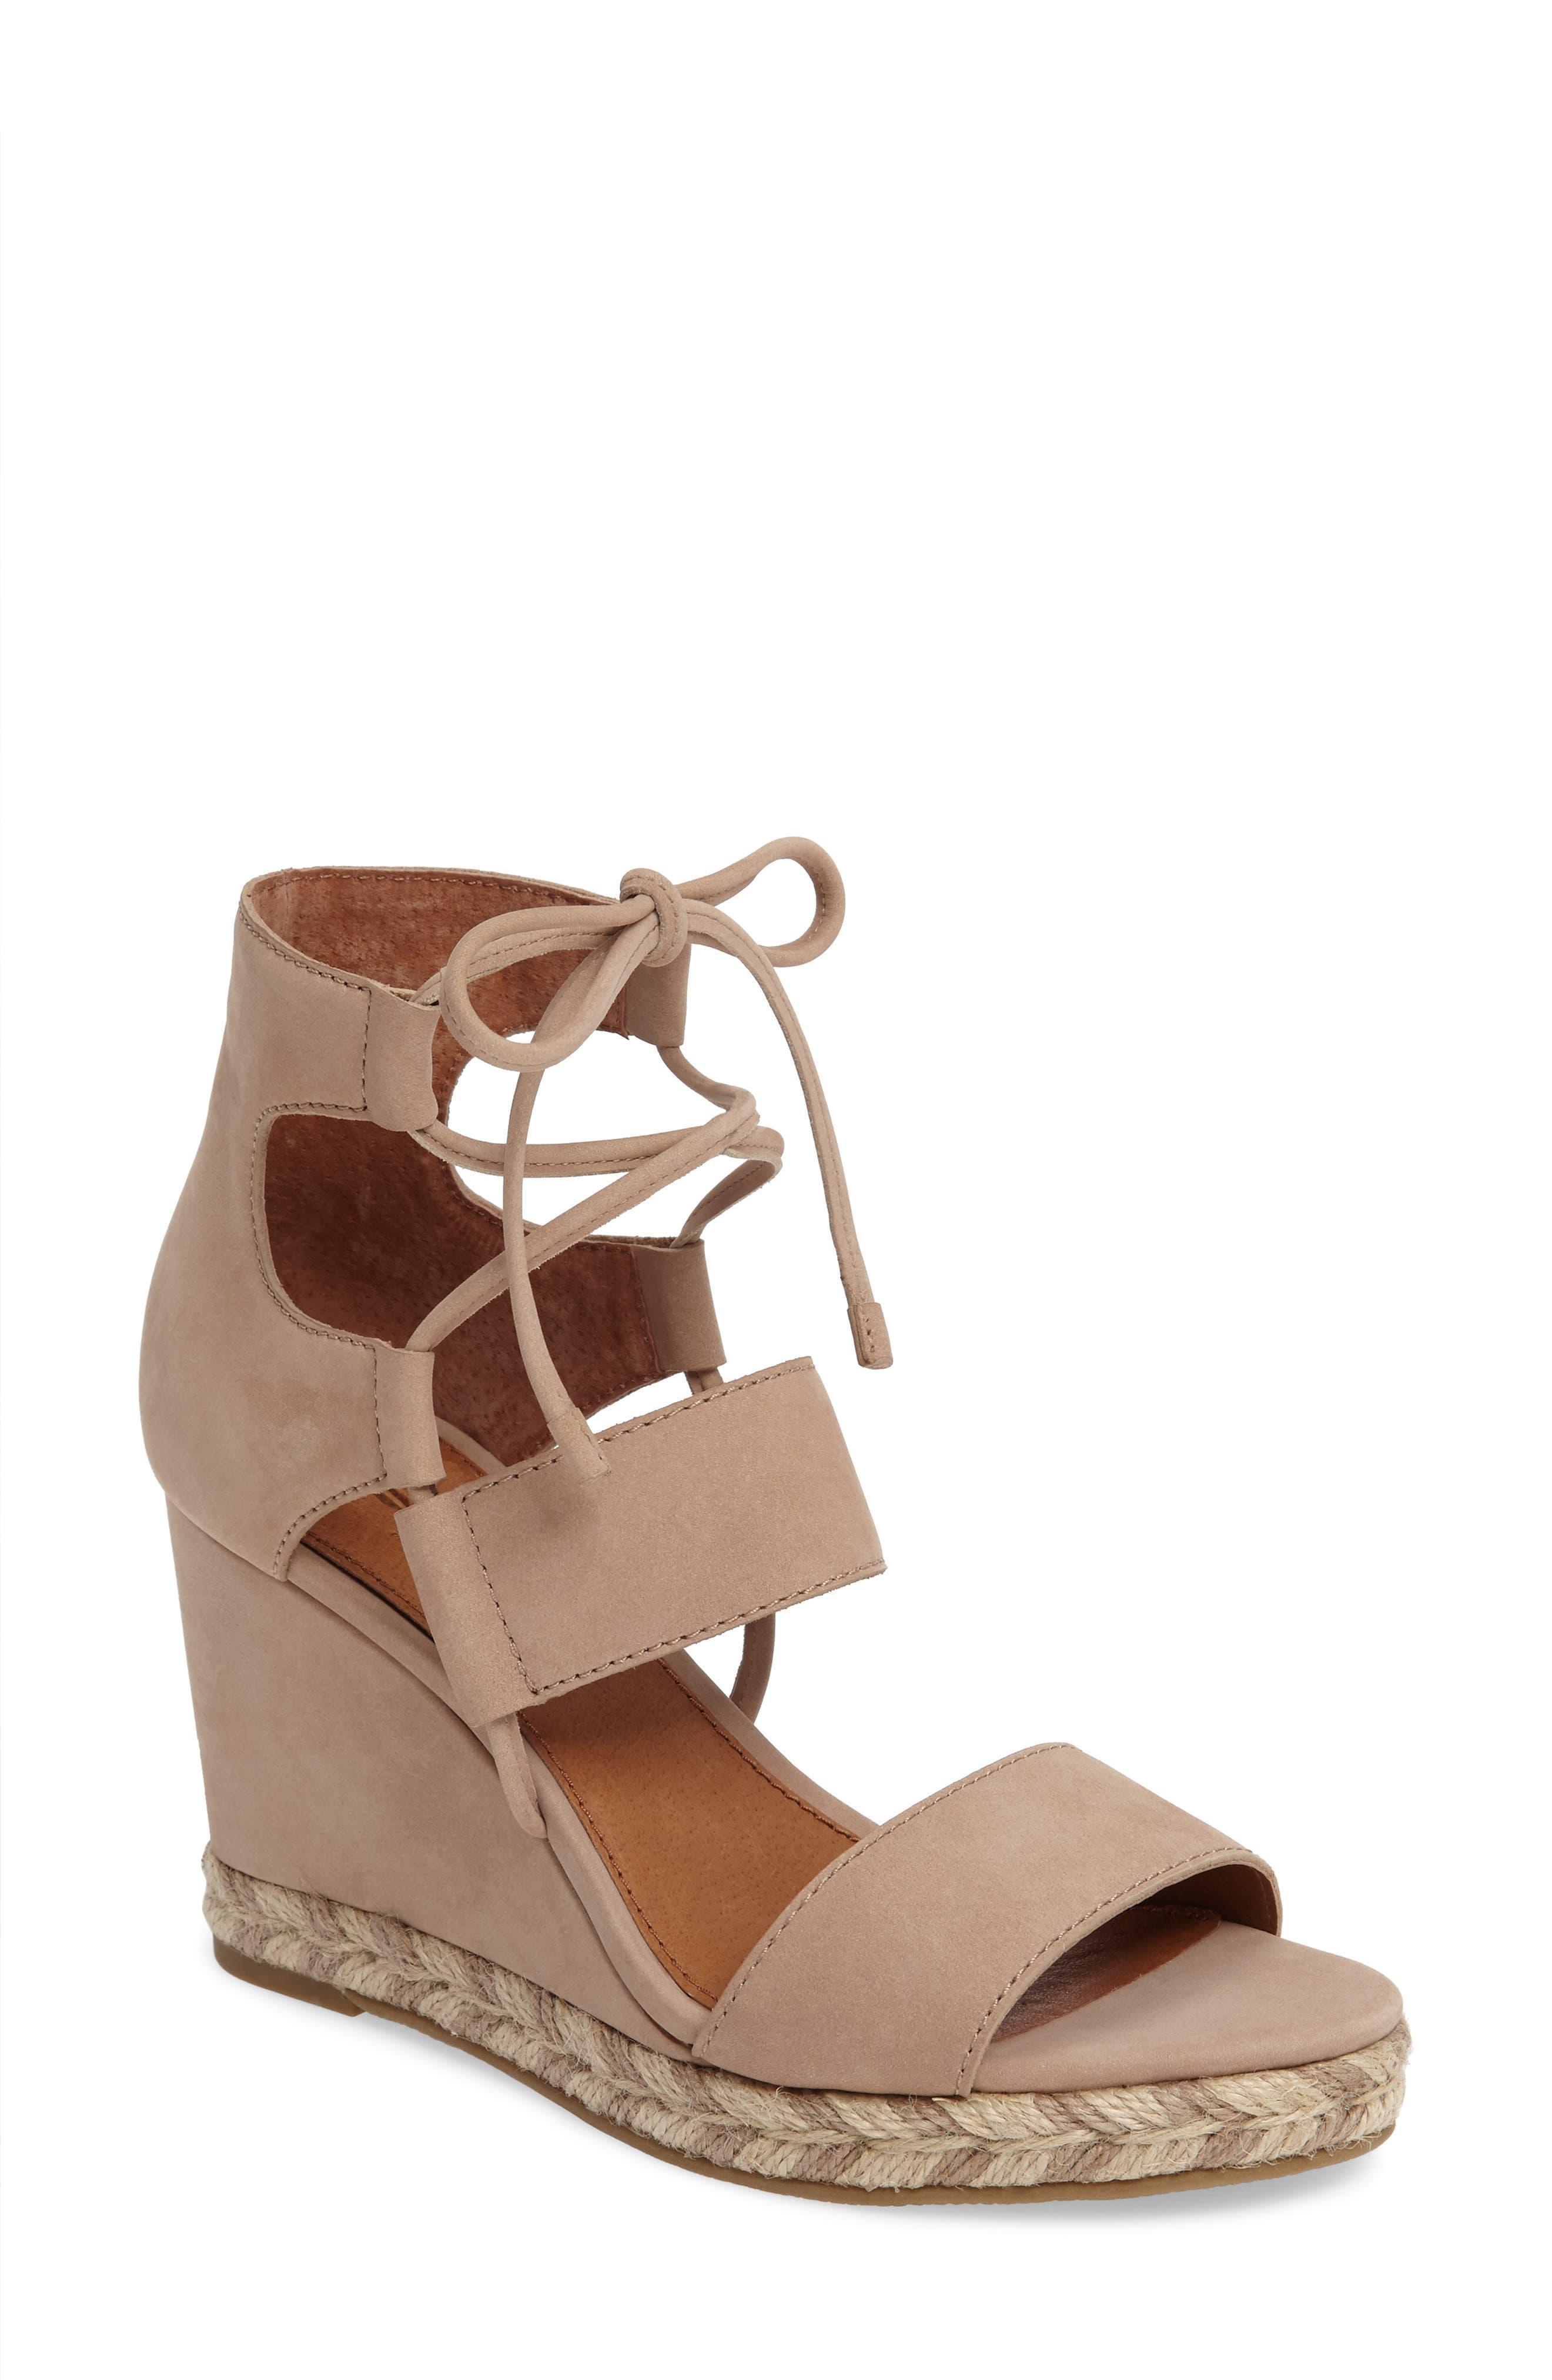 Image of Frye Roberta Ghillie Wedge Sandal